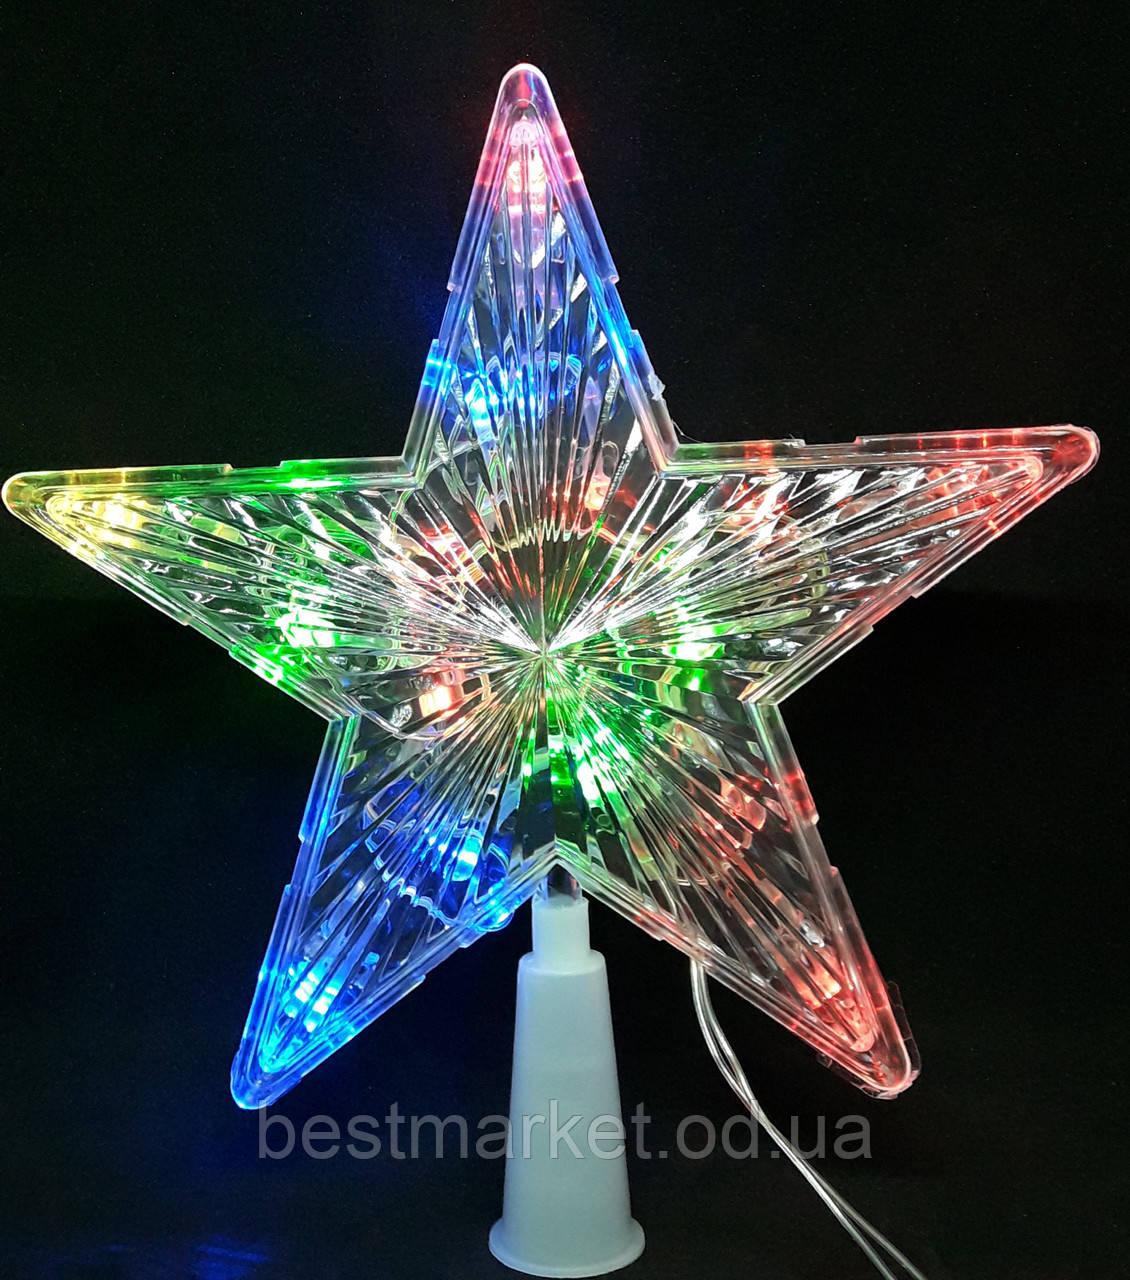 Новогодняя Верхушка Звезда с Подсветкой 21 см на Елку